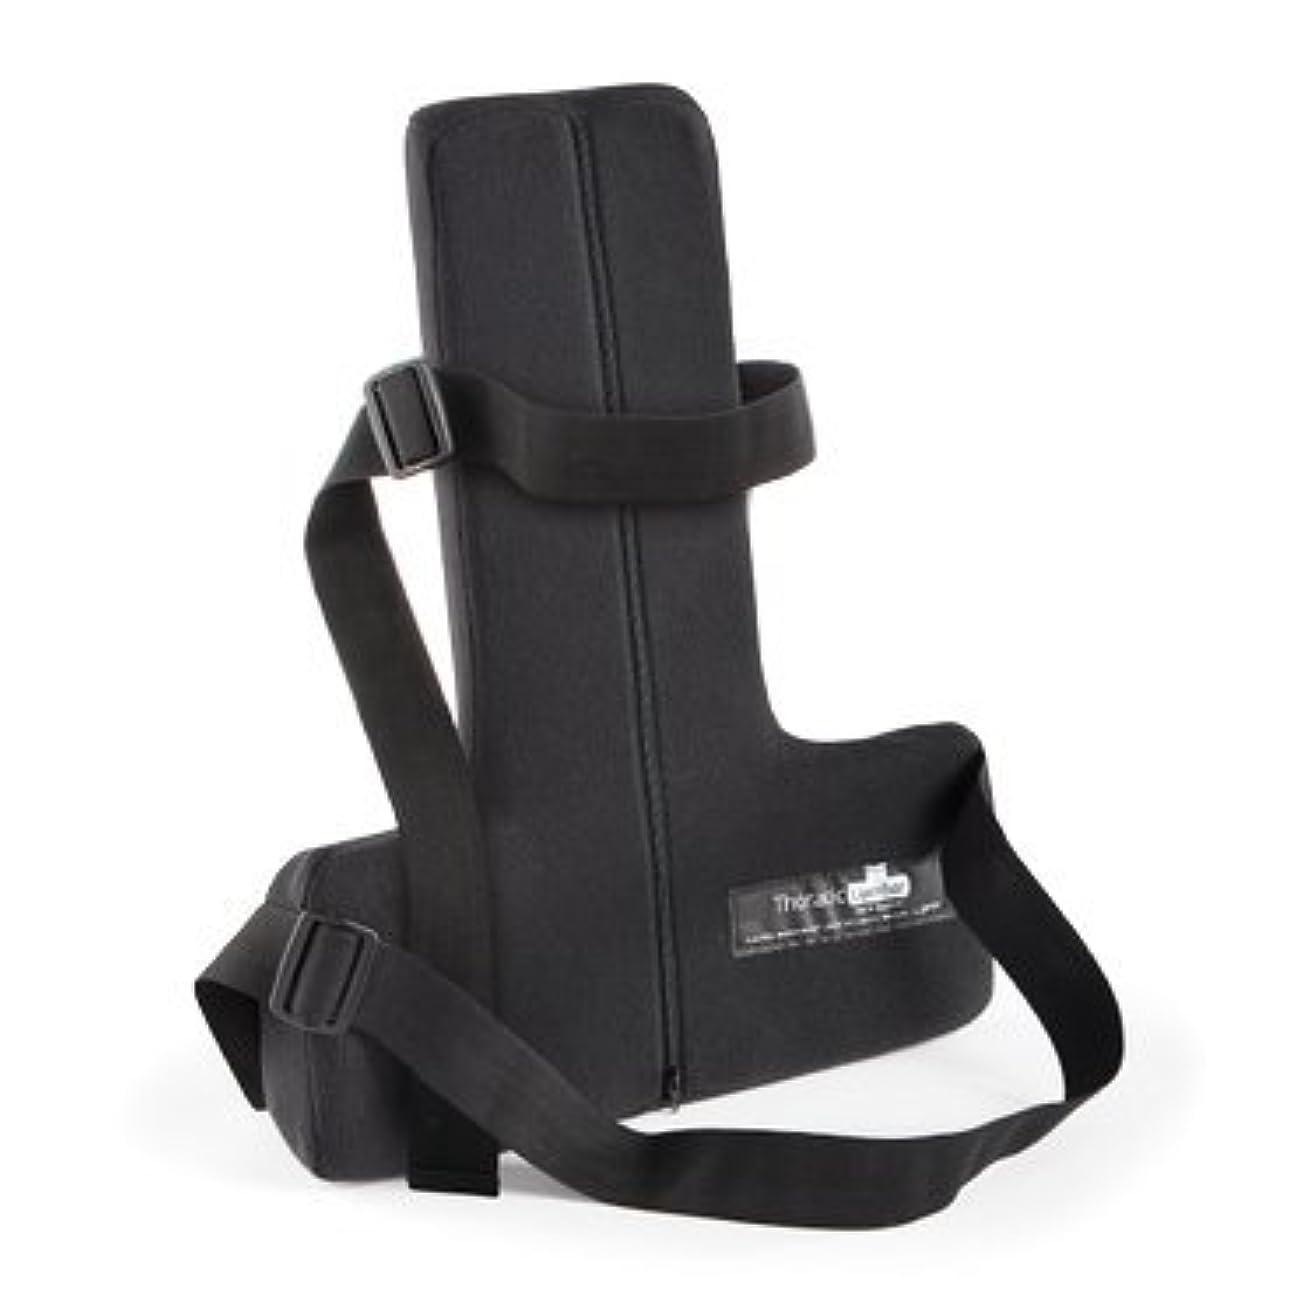 レトルト悪魔傷跡オーピーティー 自宅 車内 オフィス 椅子腰椎サポート 正しい姿勢で背中 肩 首への負担を減らすクッション